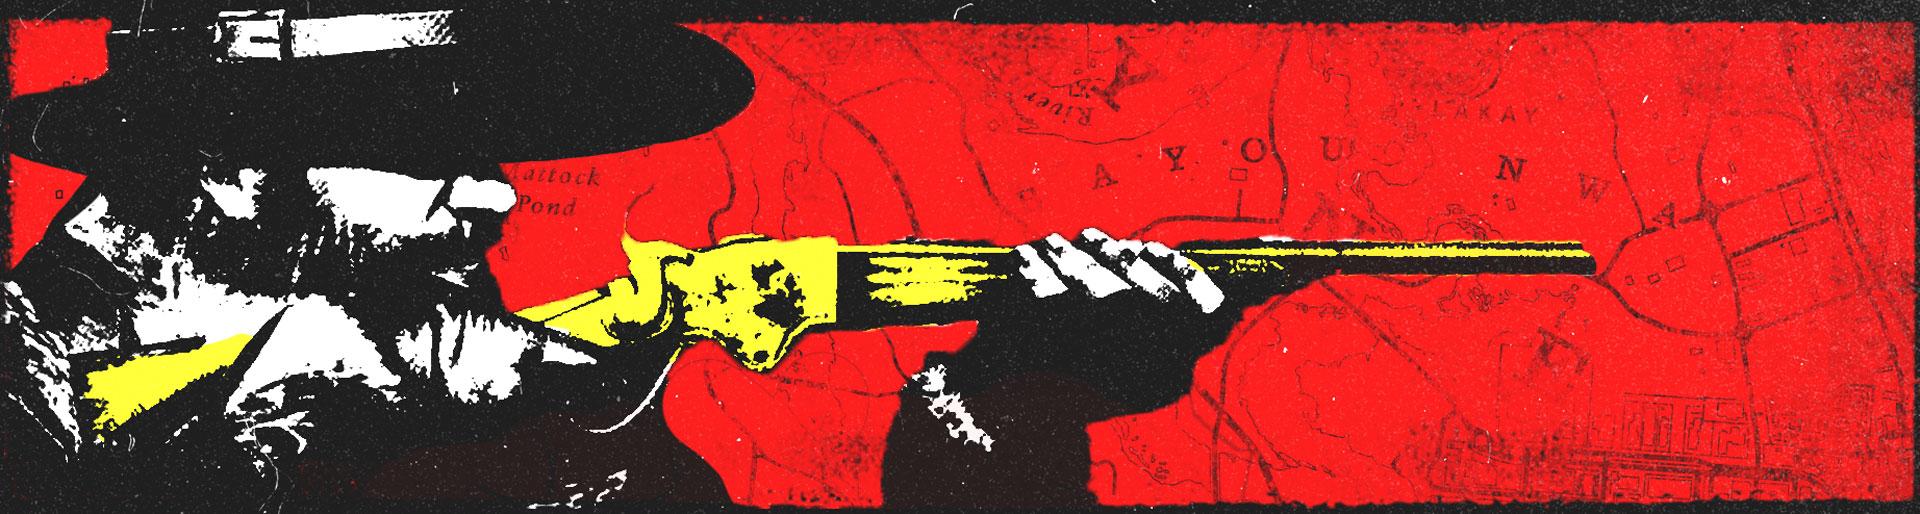 red-dead-online-artwork-36-hd.jpg